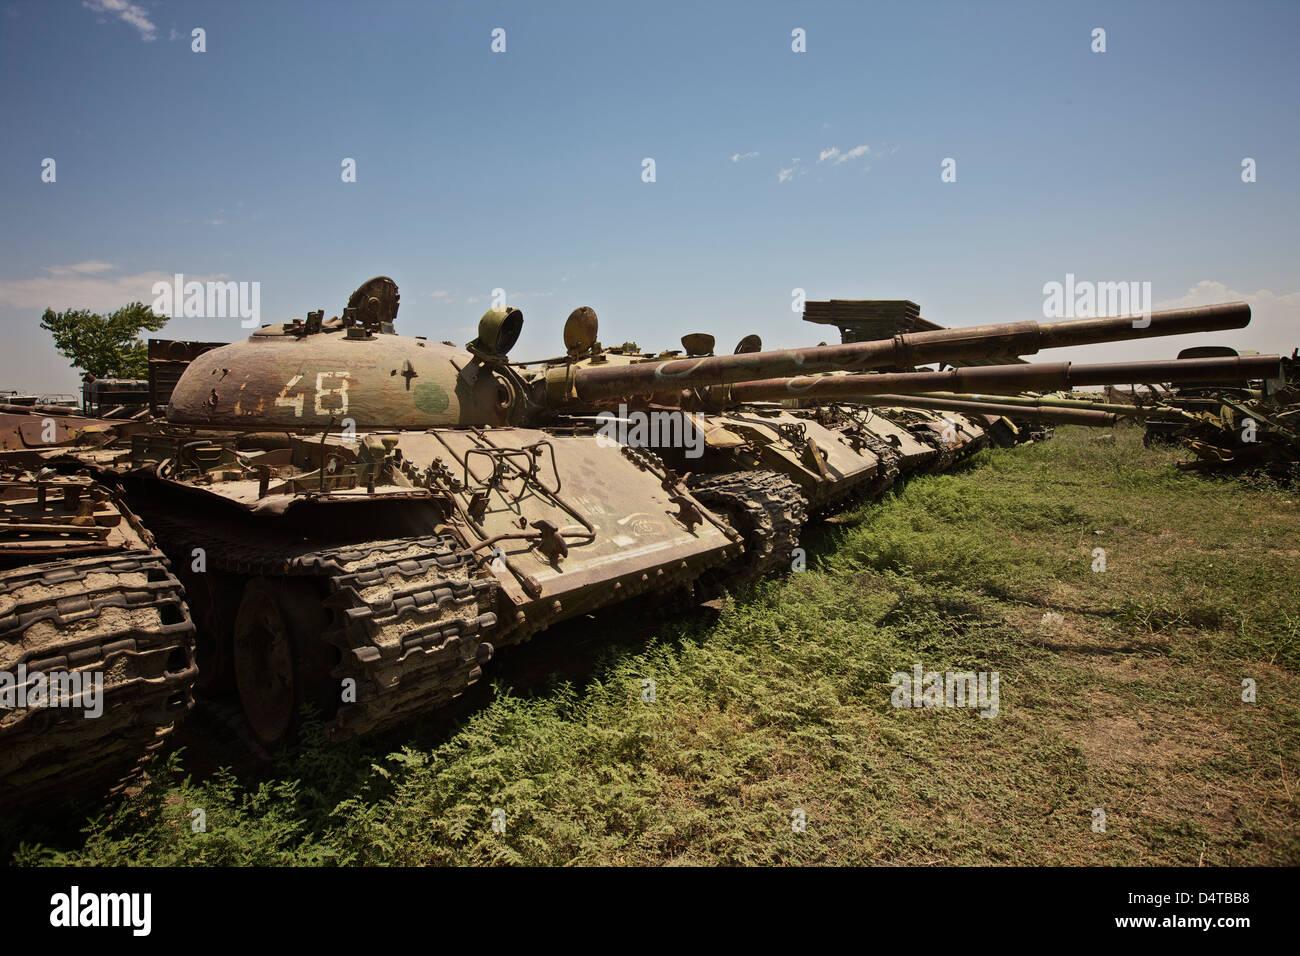 Russian T-62 main battle tanks rest in an armor junkyard in Kunduz, Afghanistan. - Stock Image